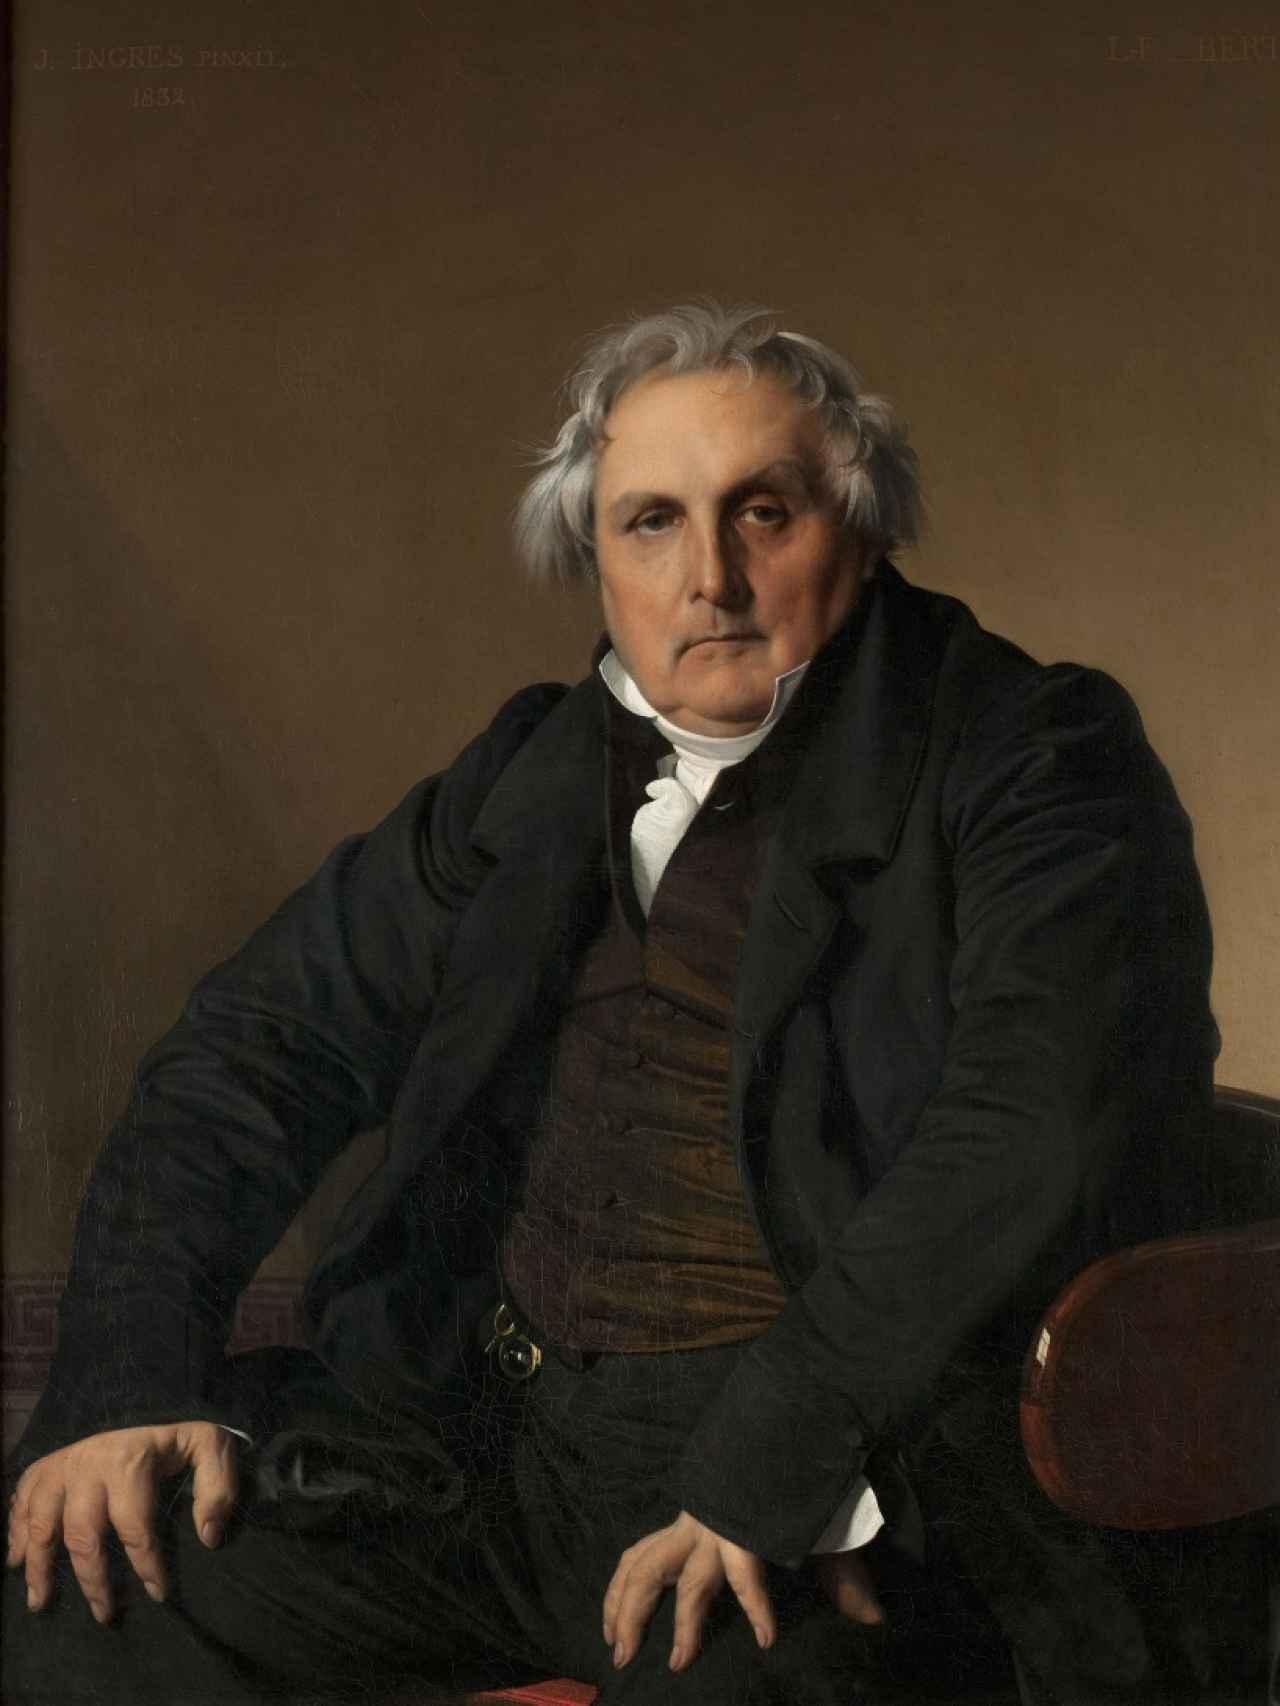 Retrato de Louis-François Bertin.